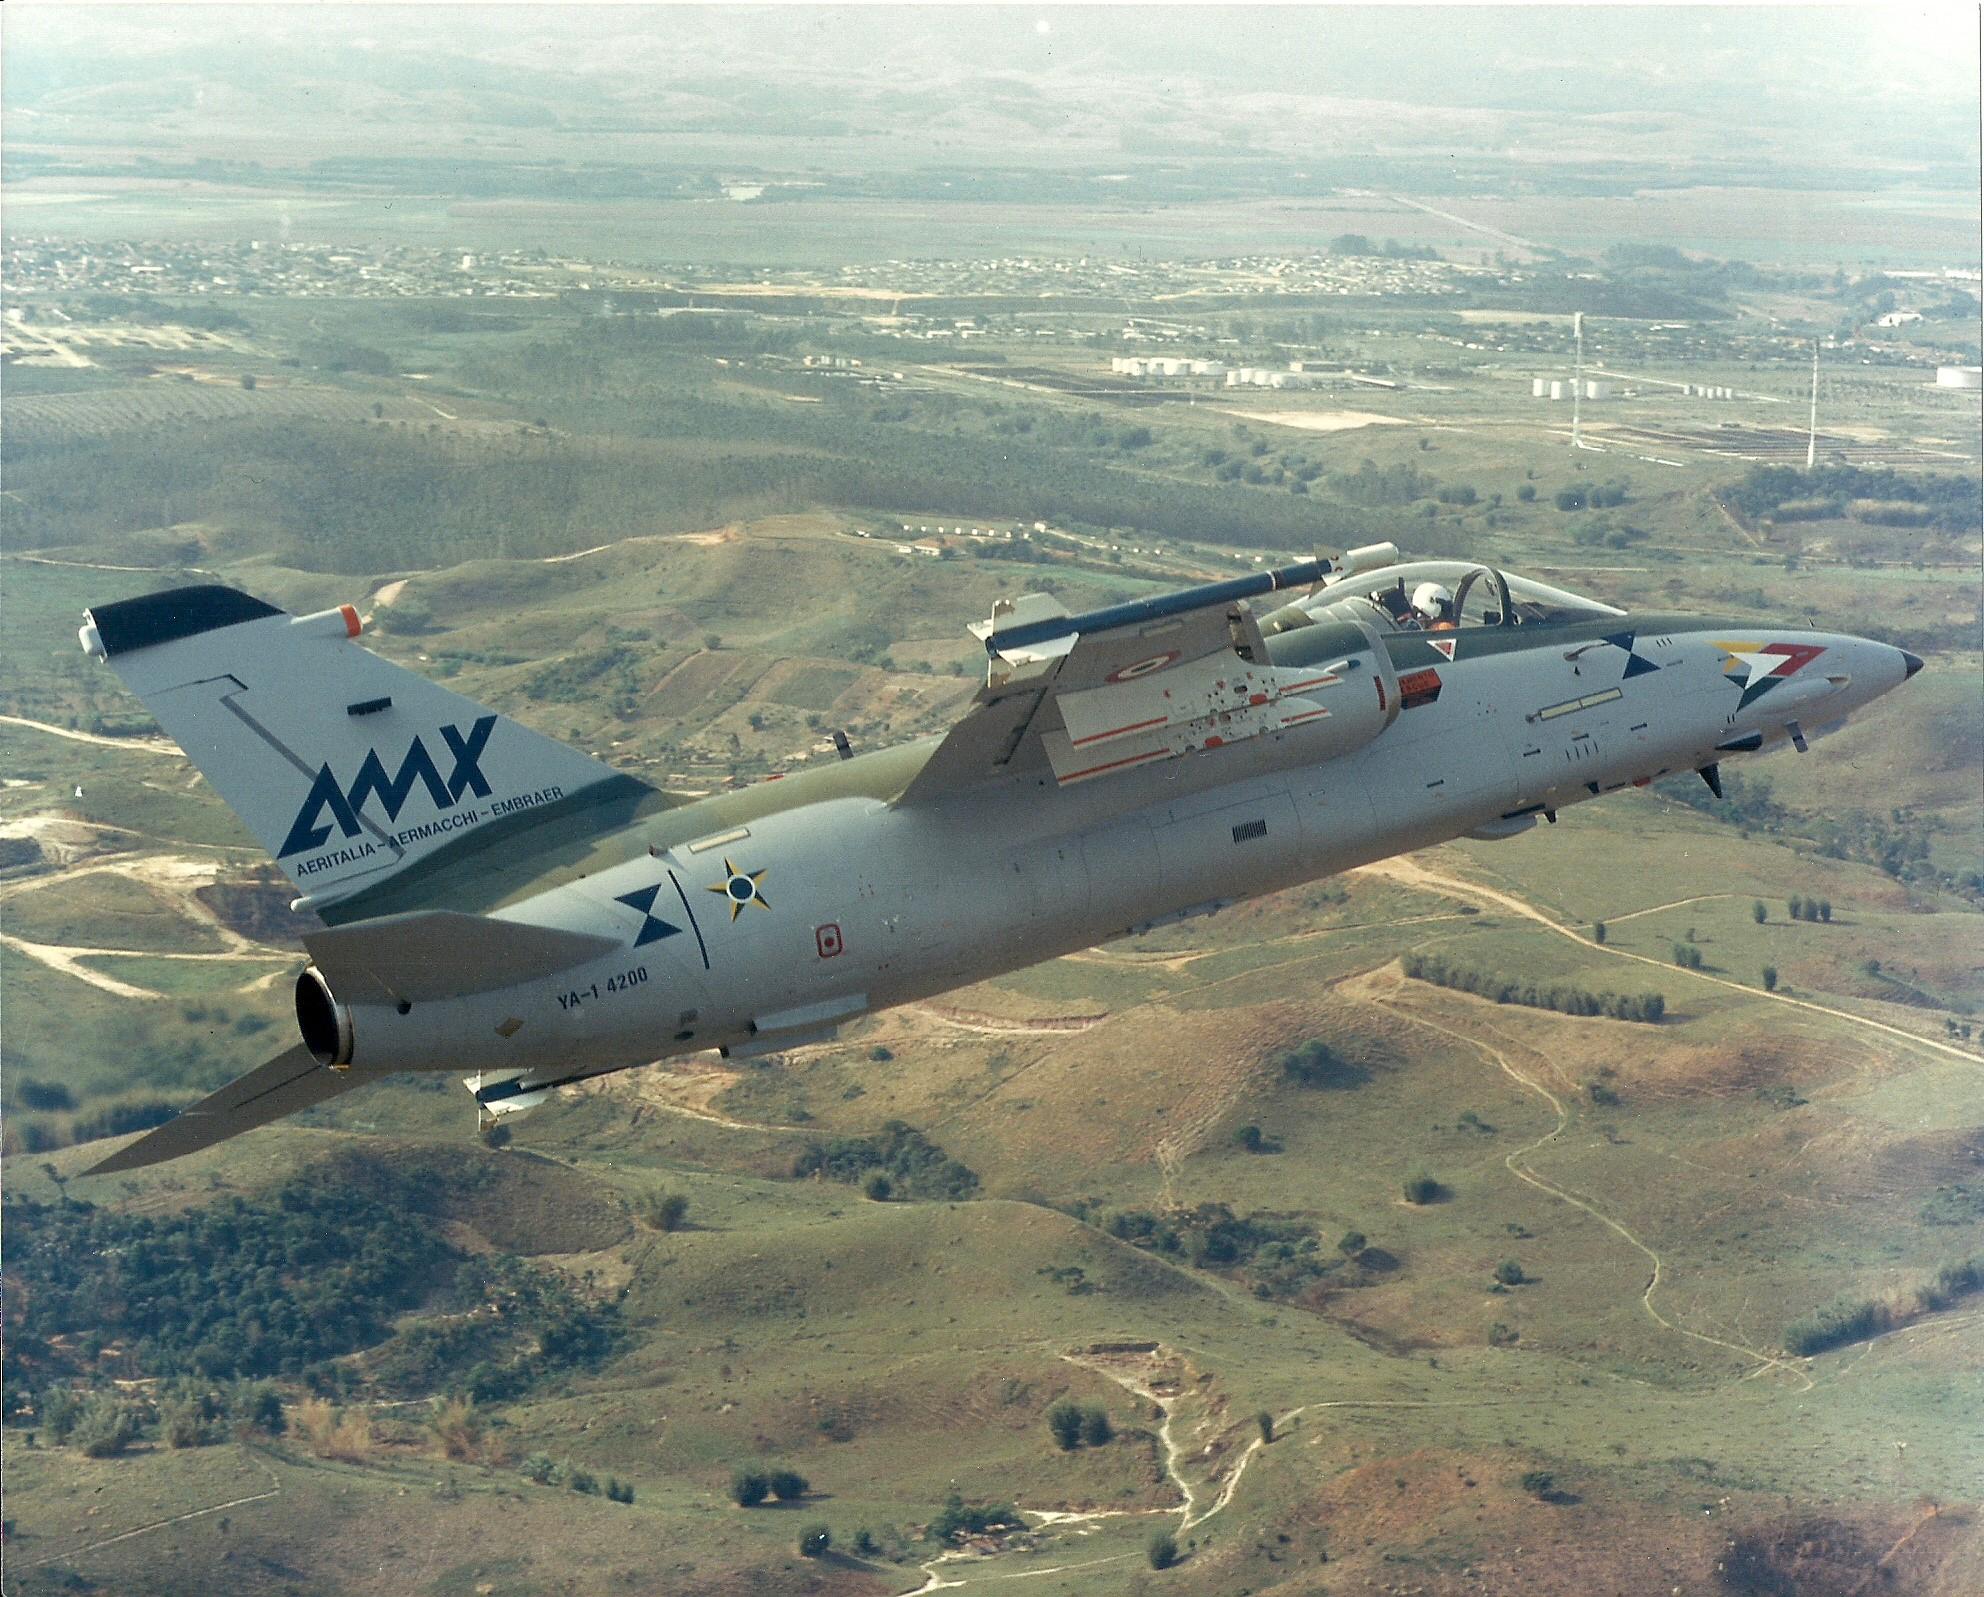 AMX 25 - 1o voo AMX Brasil